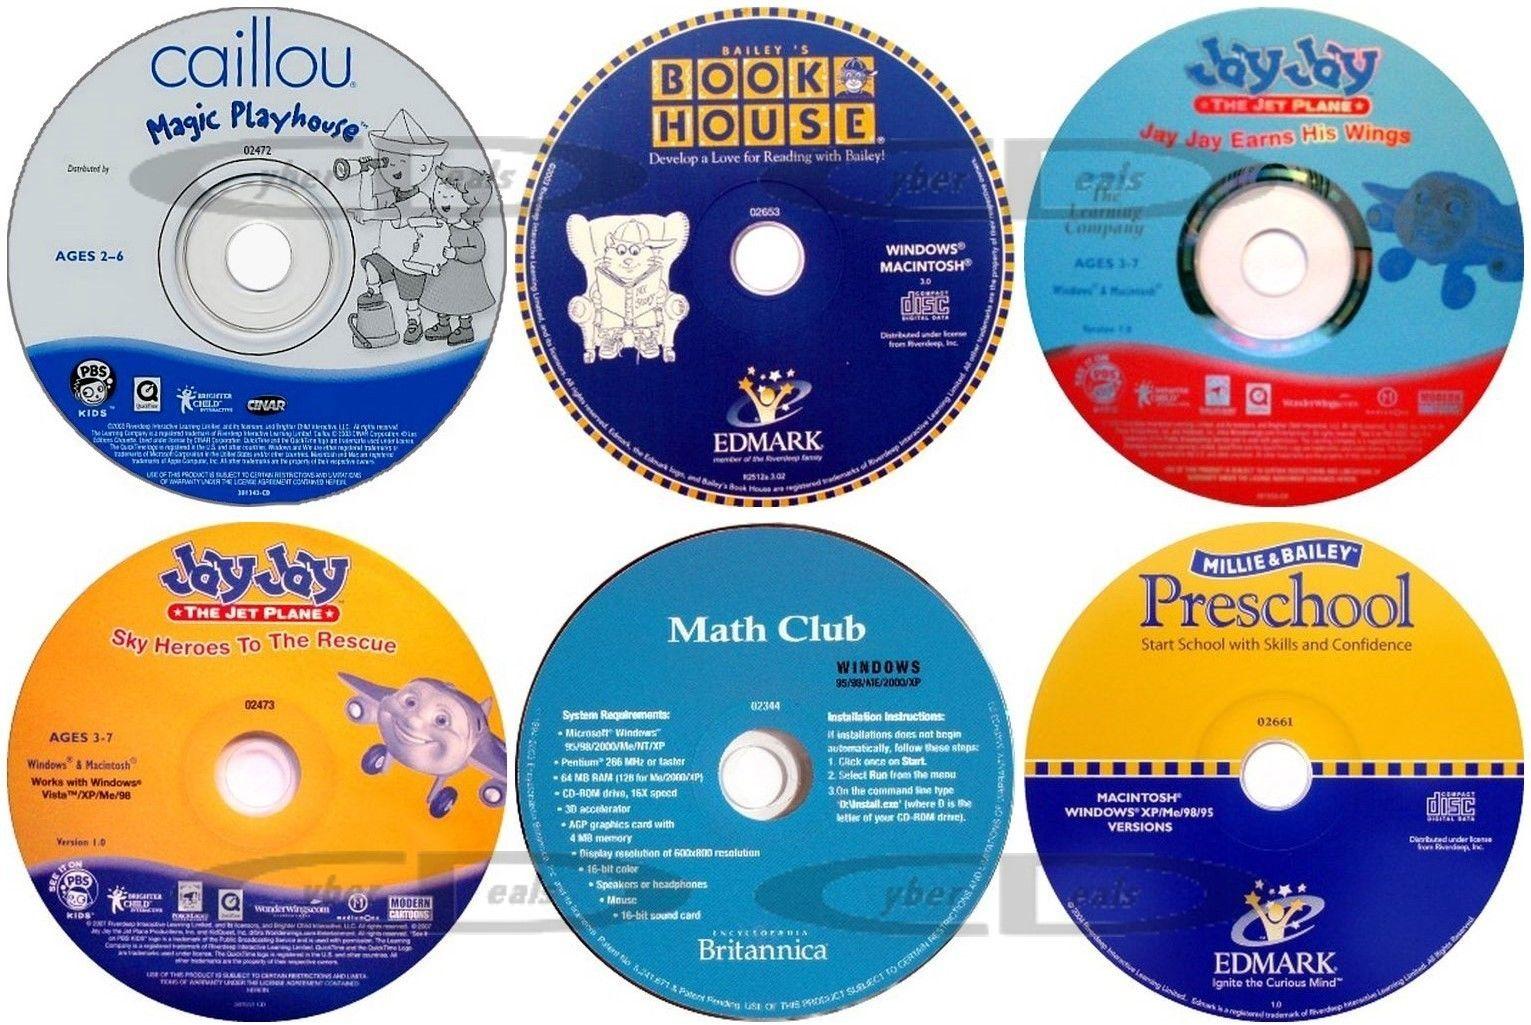 Preschool Age Early Learning Cd Roms Cyber Deals On Ebay